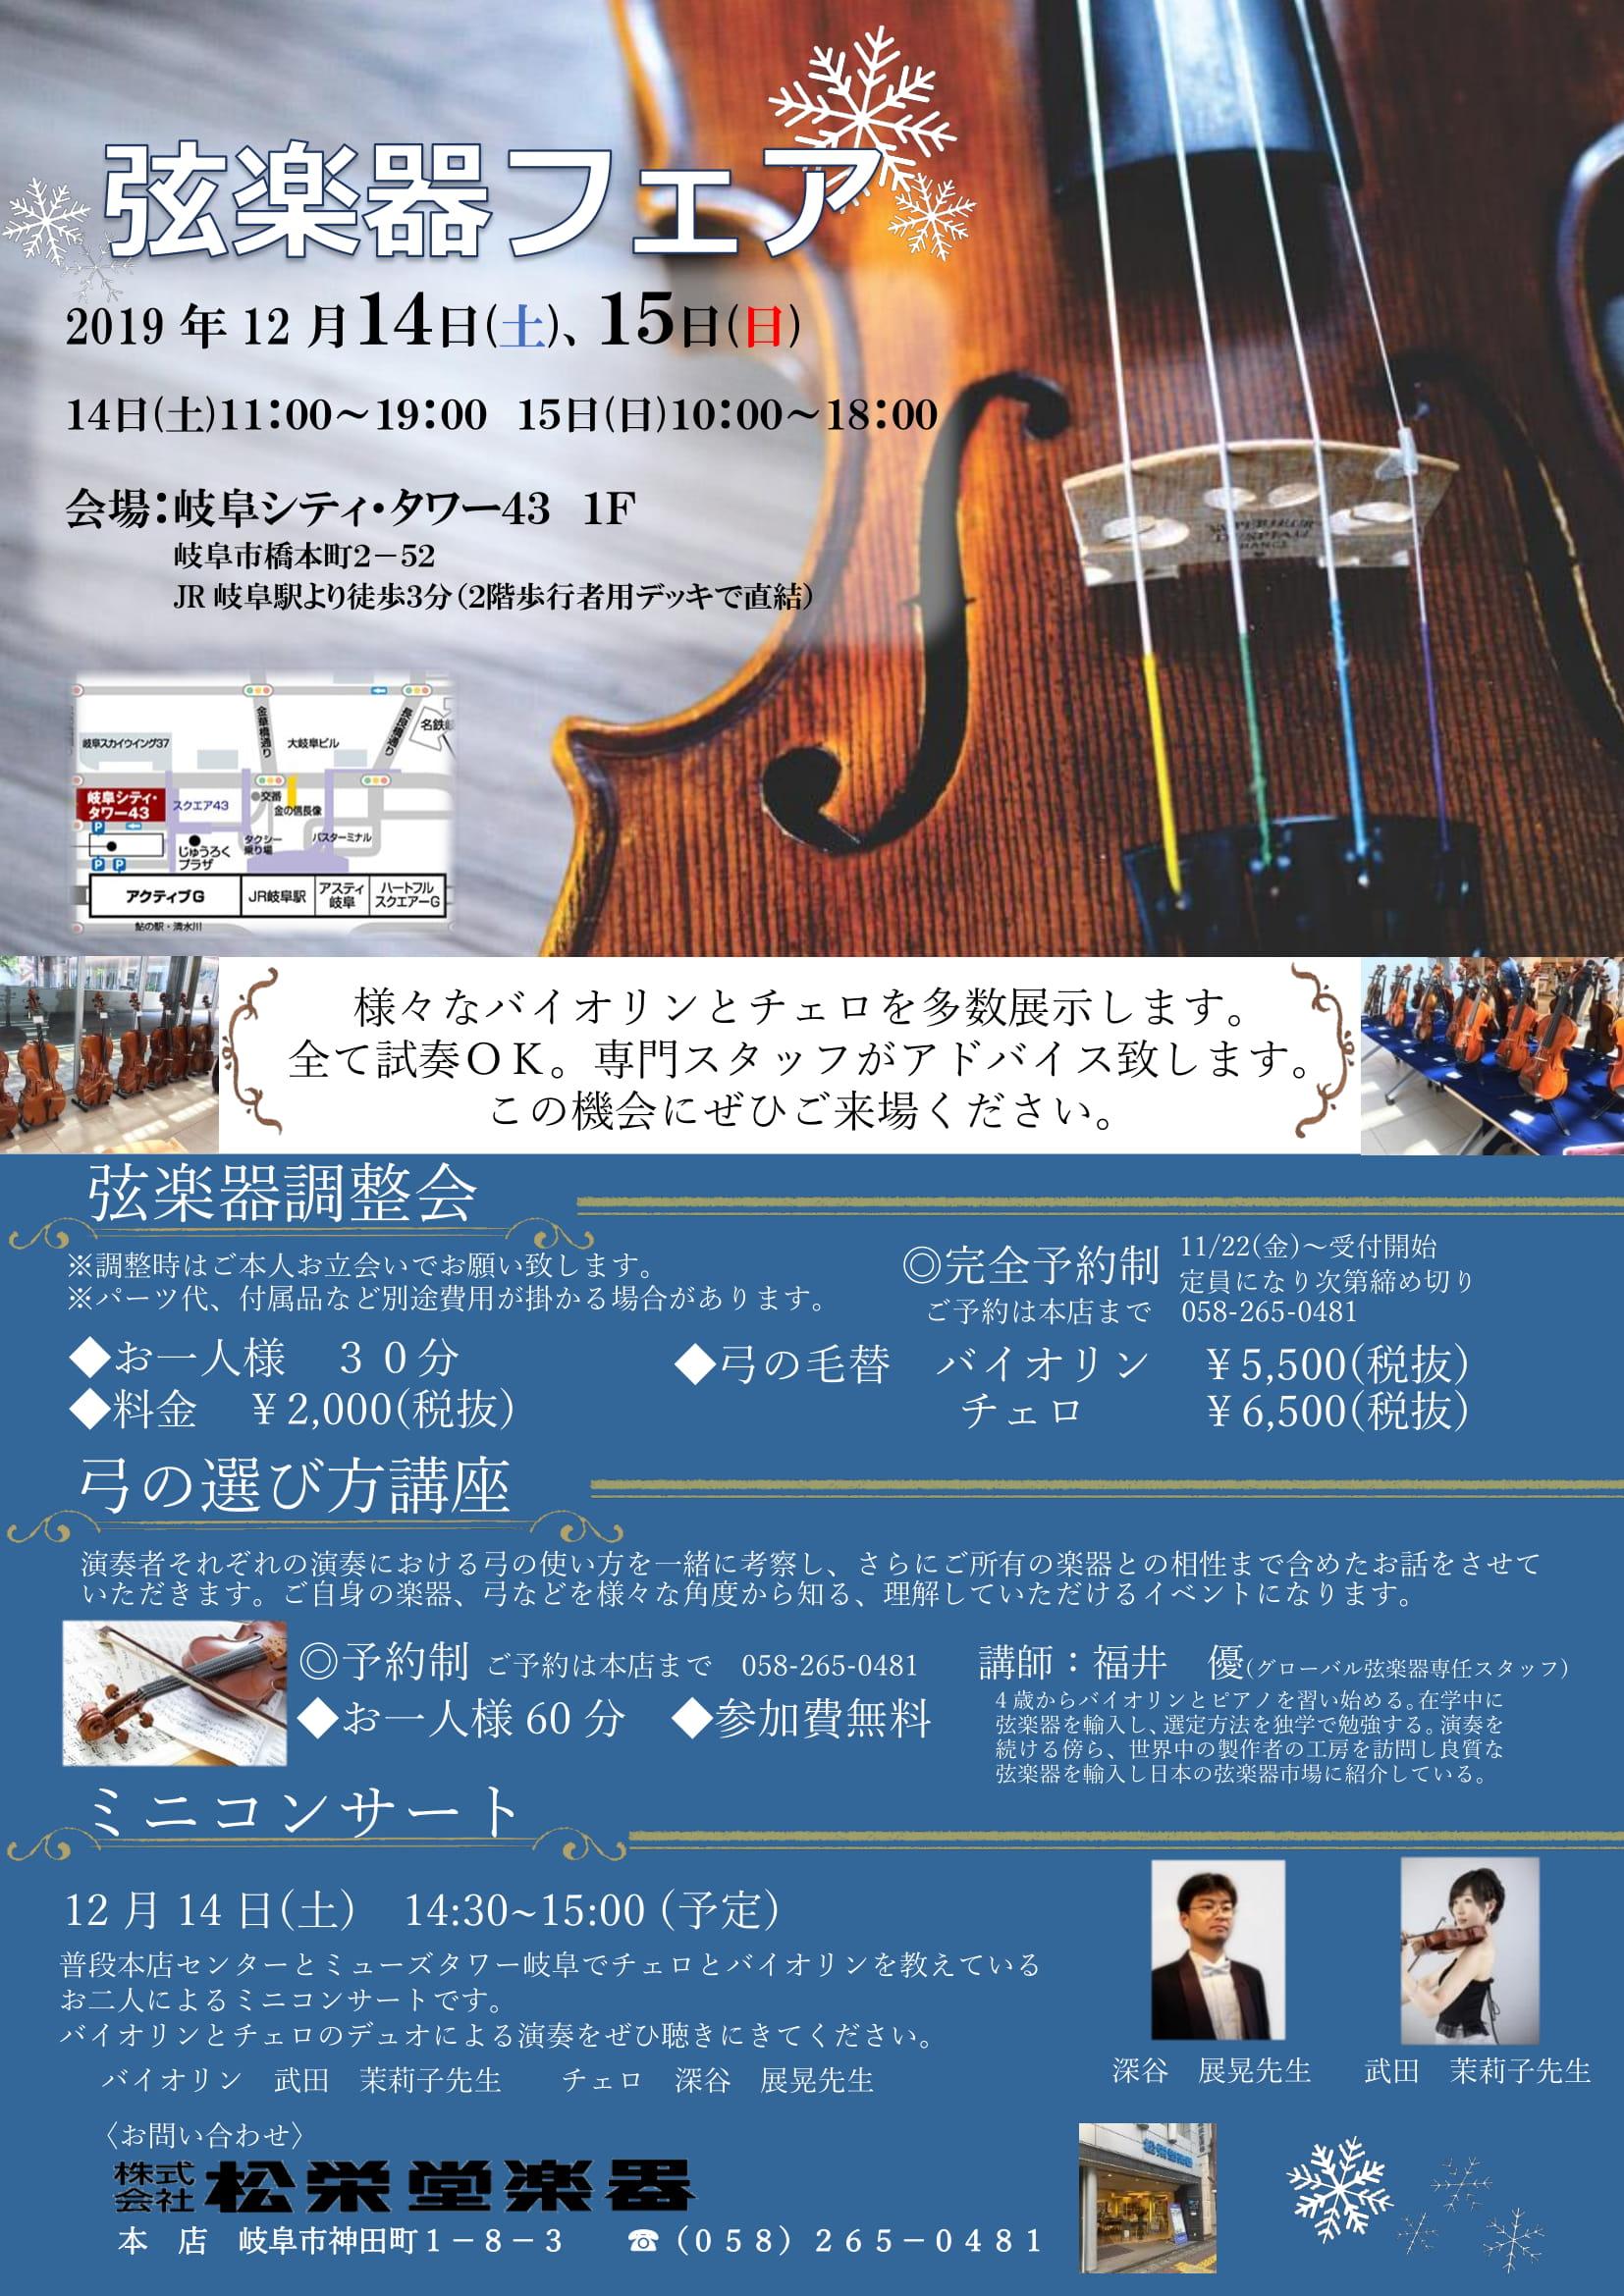 弦楽器フェア これ-1